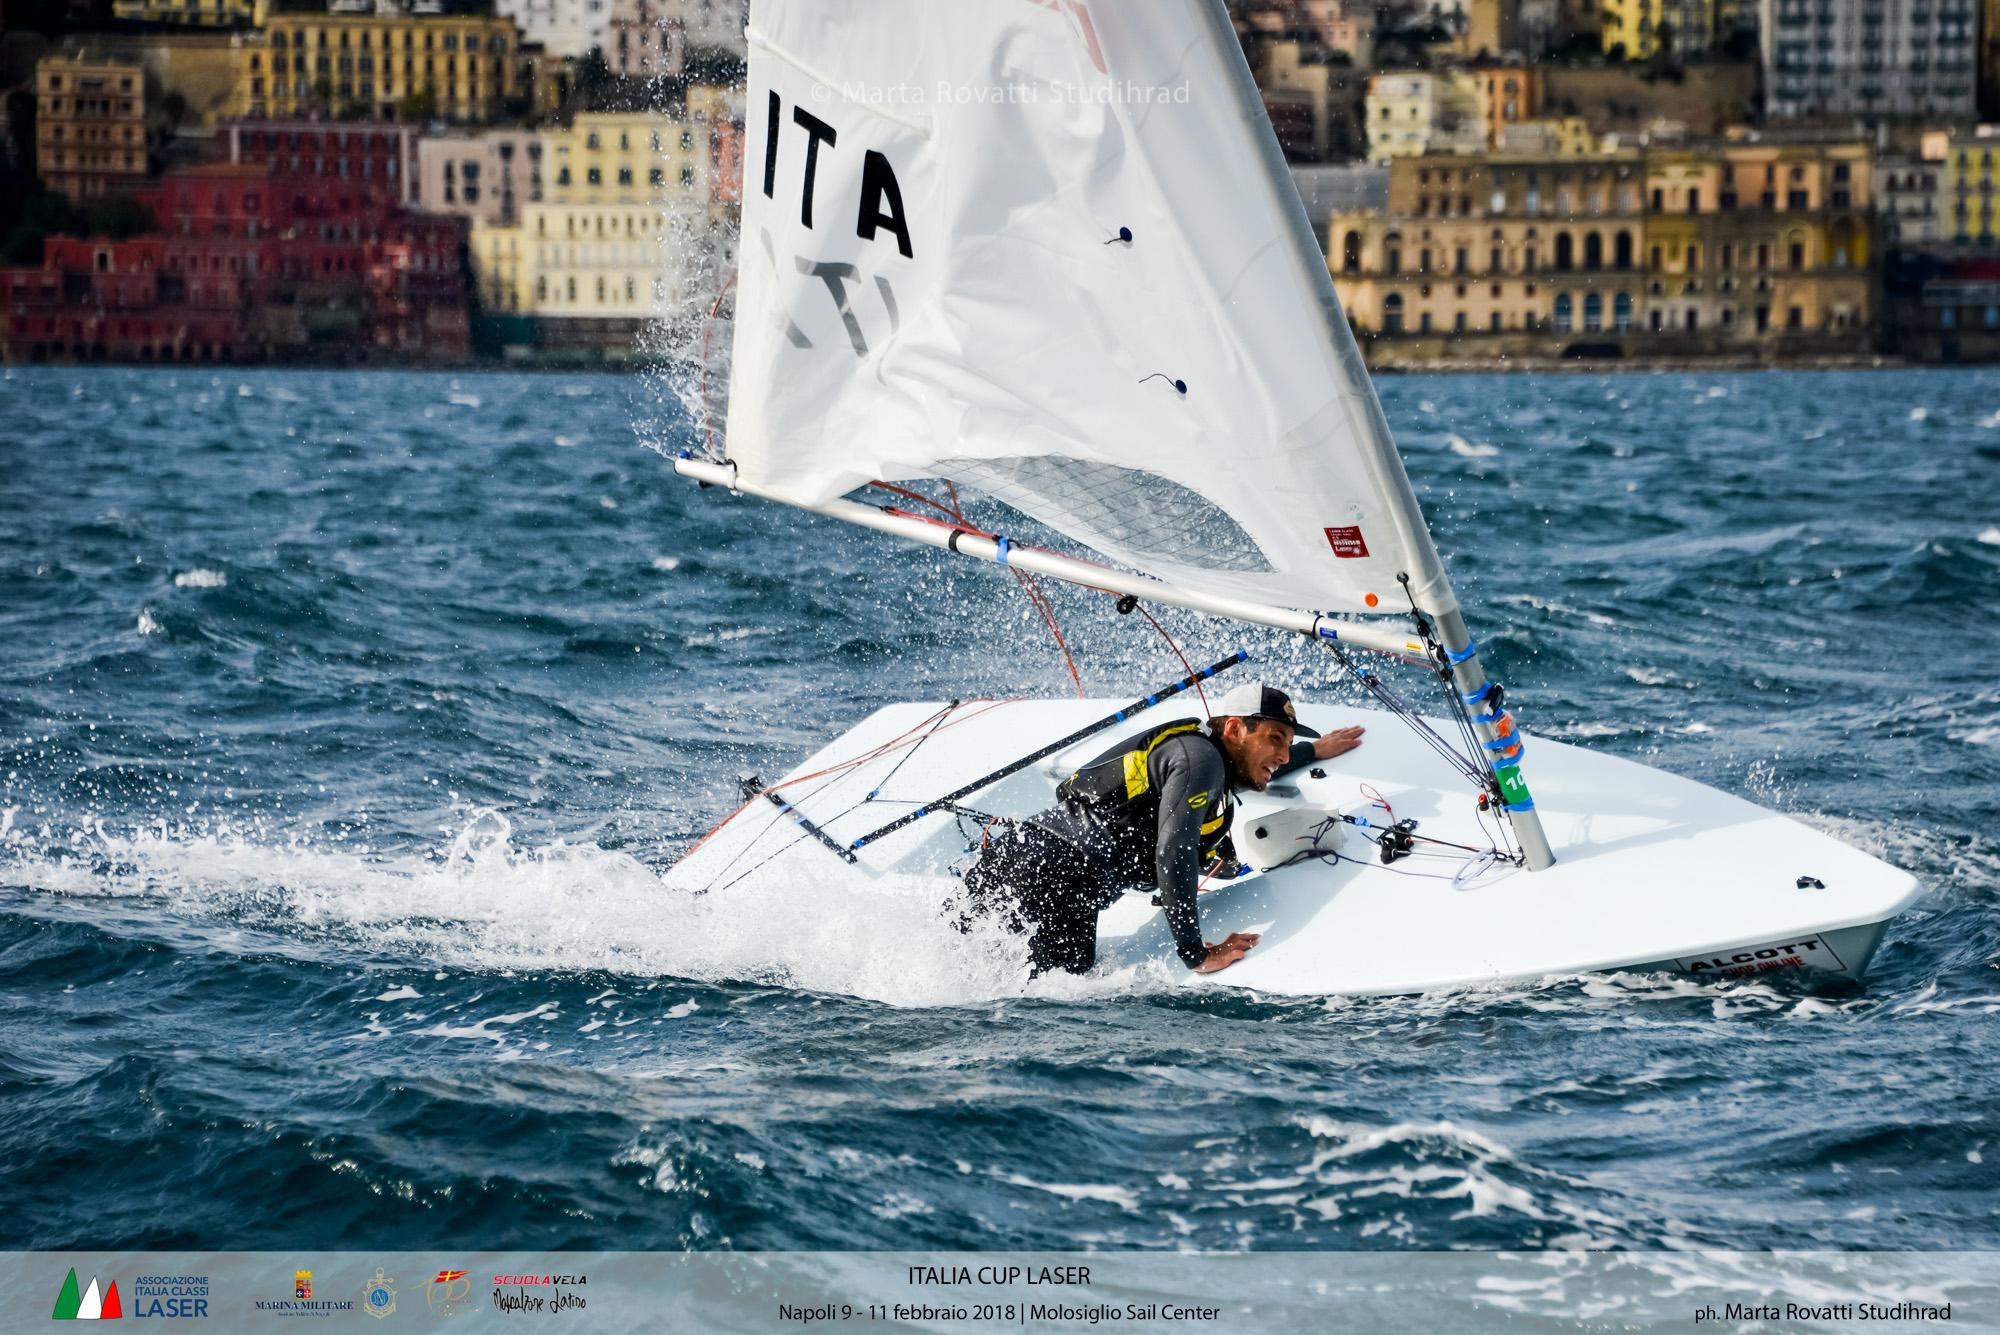 Associazione-Italia-Classi-Laser-2018-NapoliMGR_2196